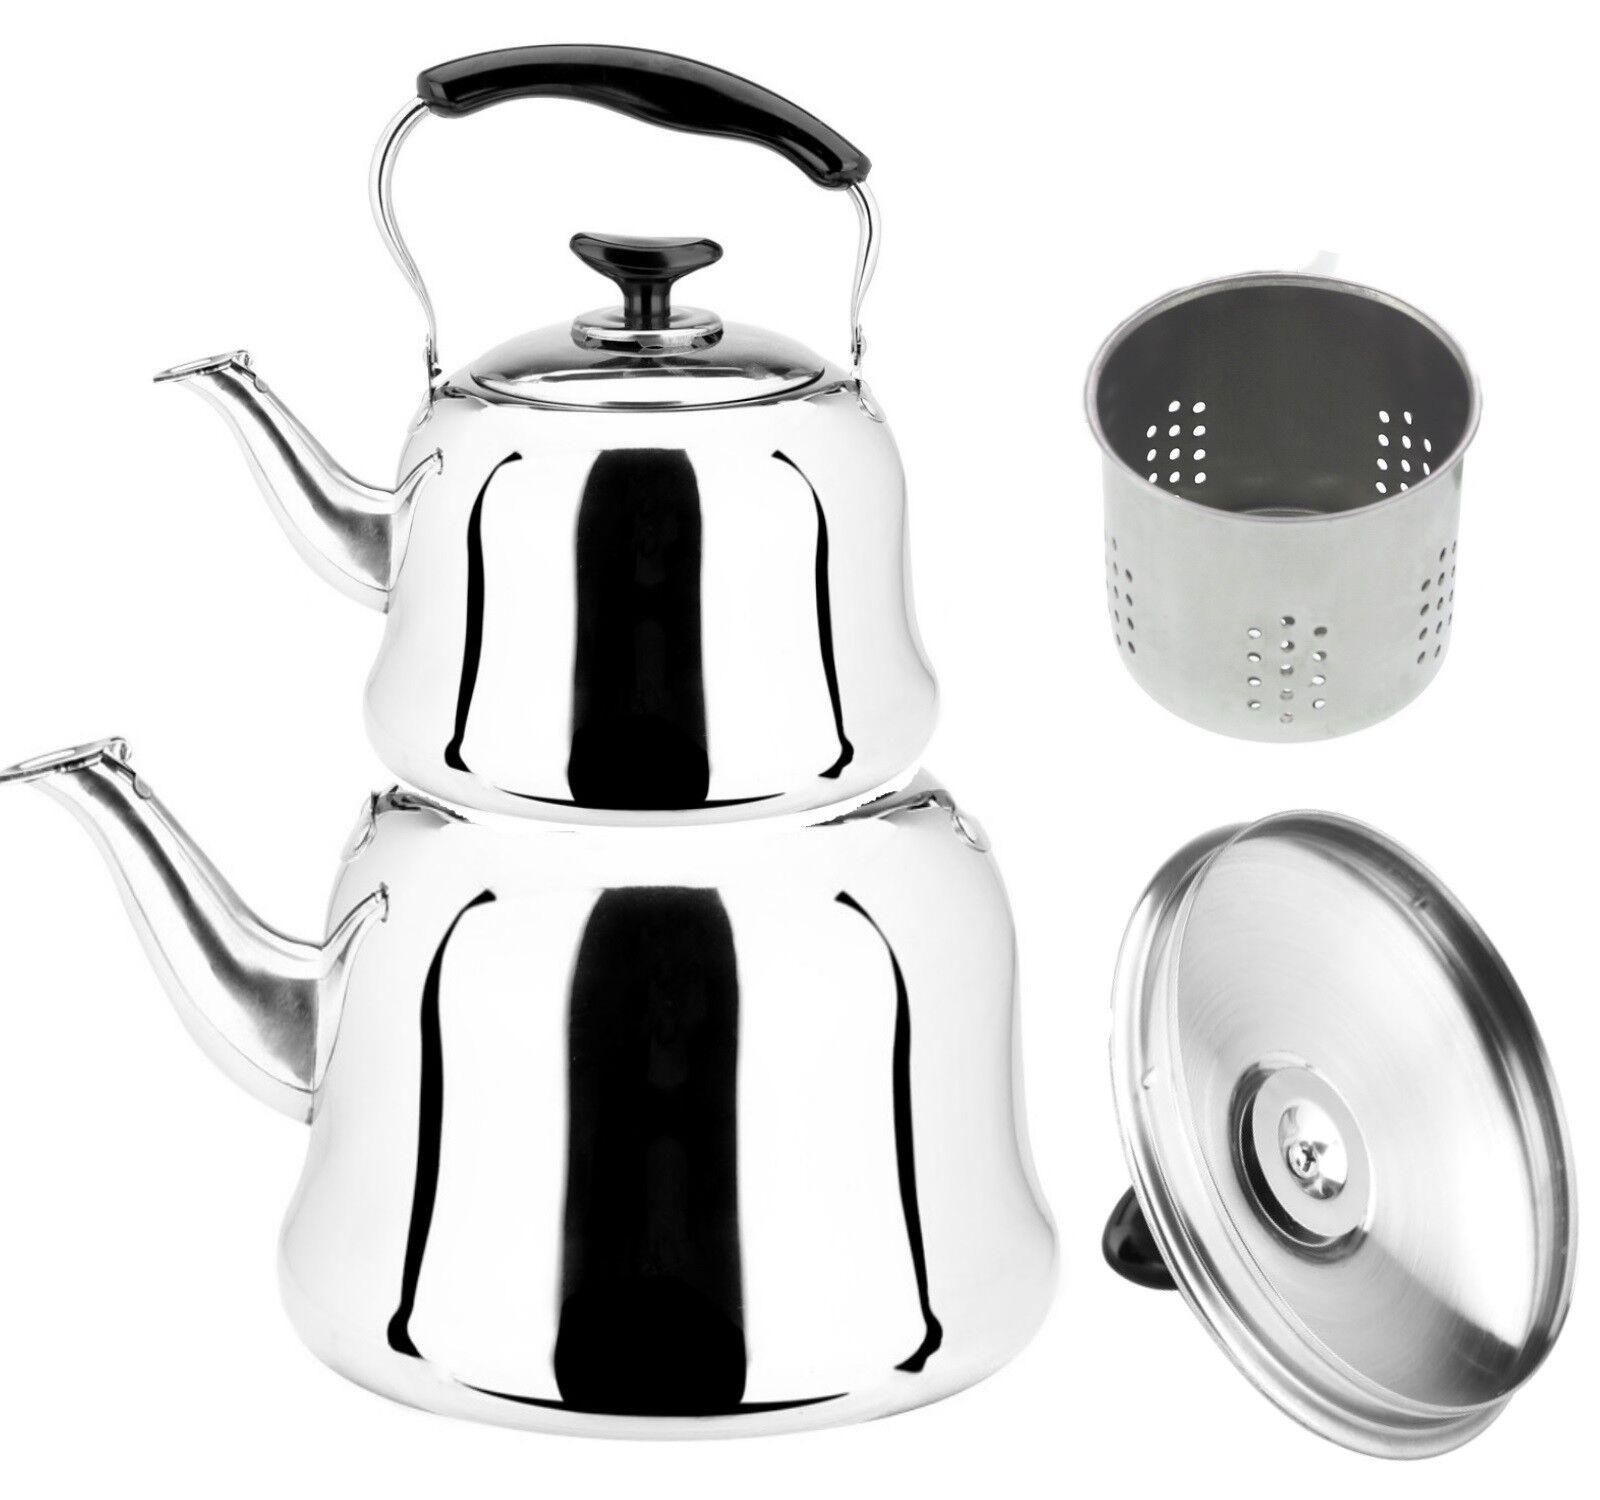 Türkischer Teekocher mit Sieb 3 & 1 Liter Caydanlik mit Teekanne Set Edelstahl